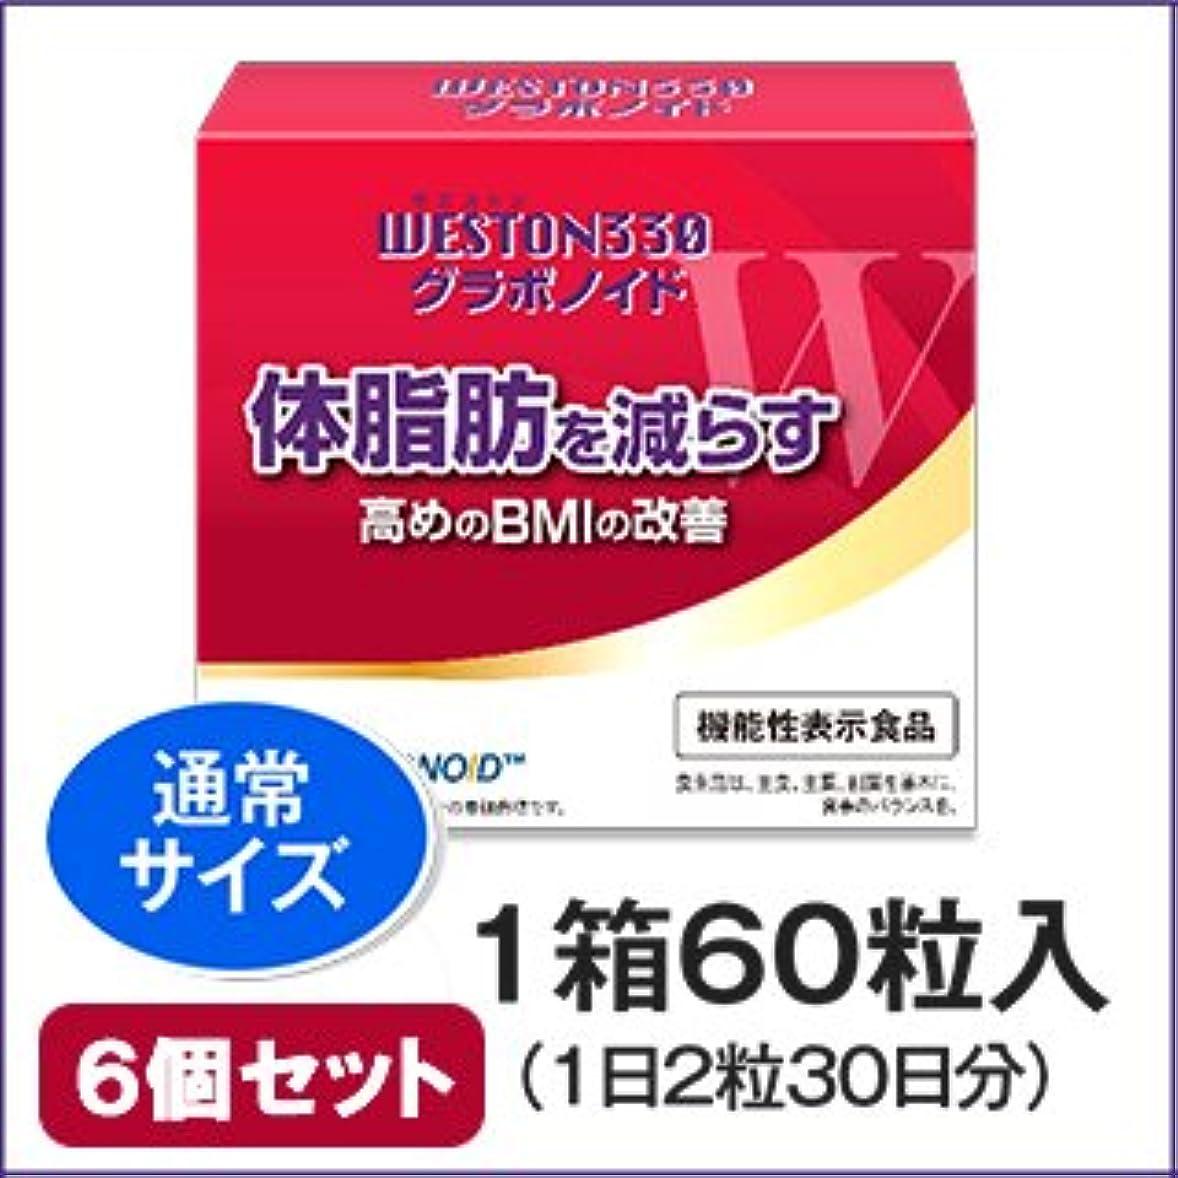 作業間接的こどもの日ウエストン330グラボノイド(30日分 1箱60粒入り)×6個セット